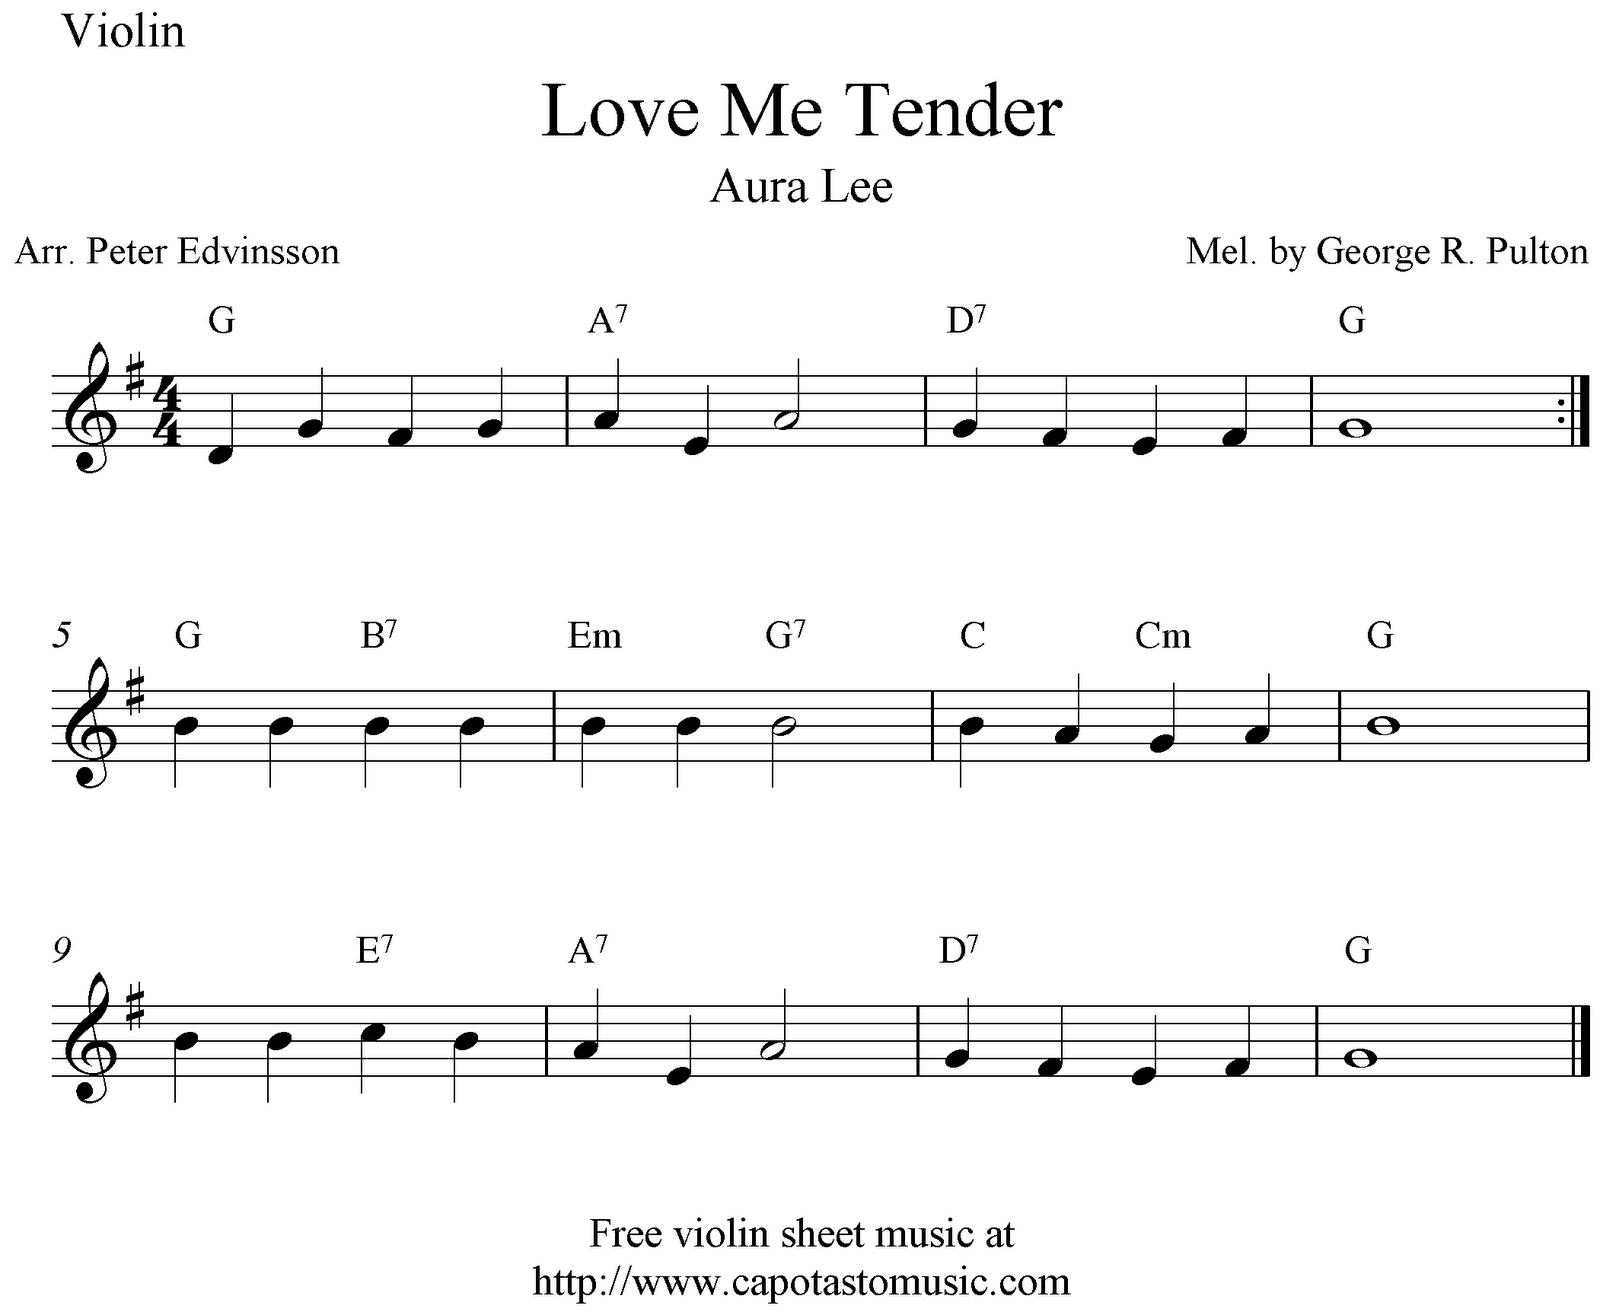 Sheet Music Violin Love Me Tender Aura Lee Free Violin Sheet Music Notes Sheet Music Violin Sheet Music Violin Sheet